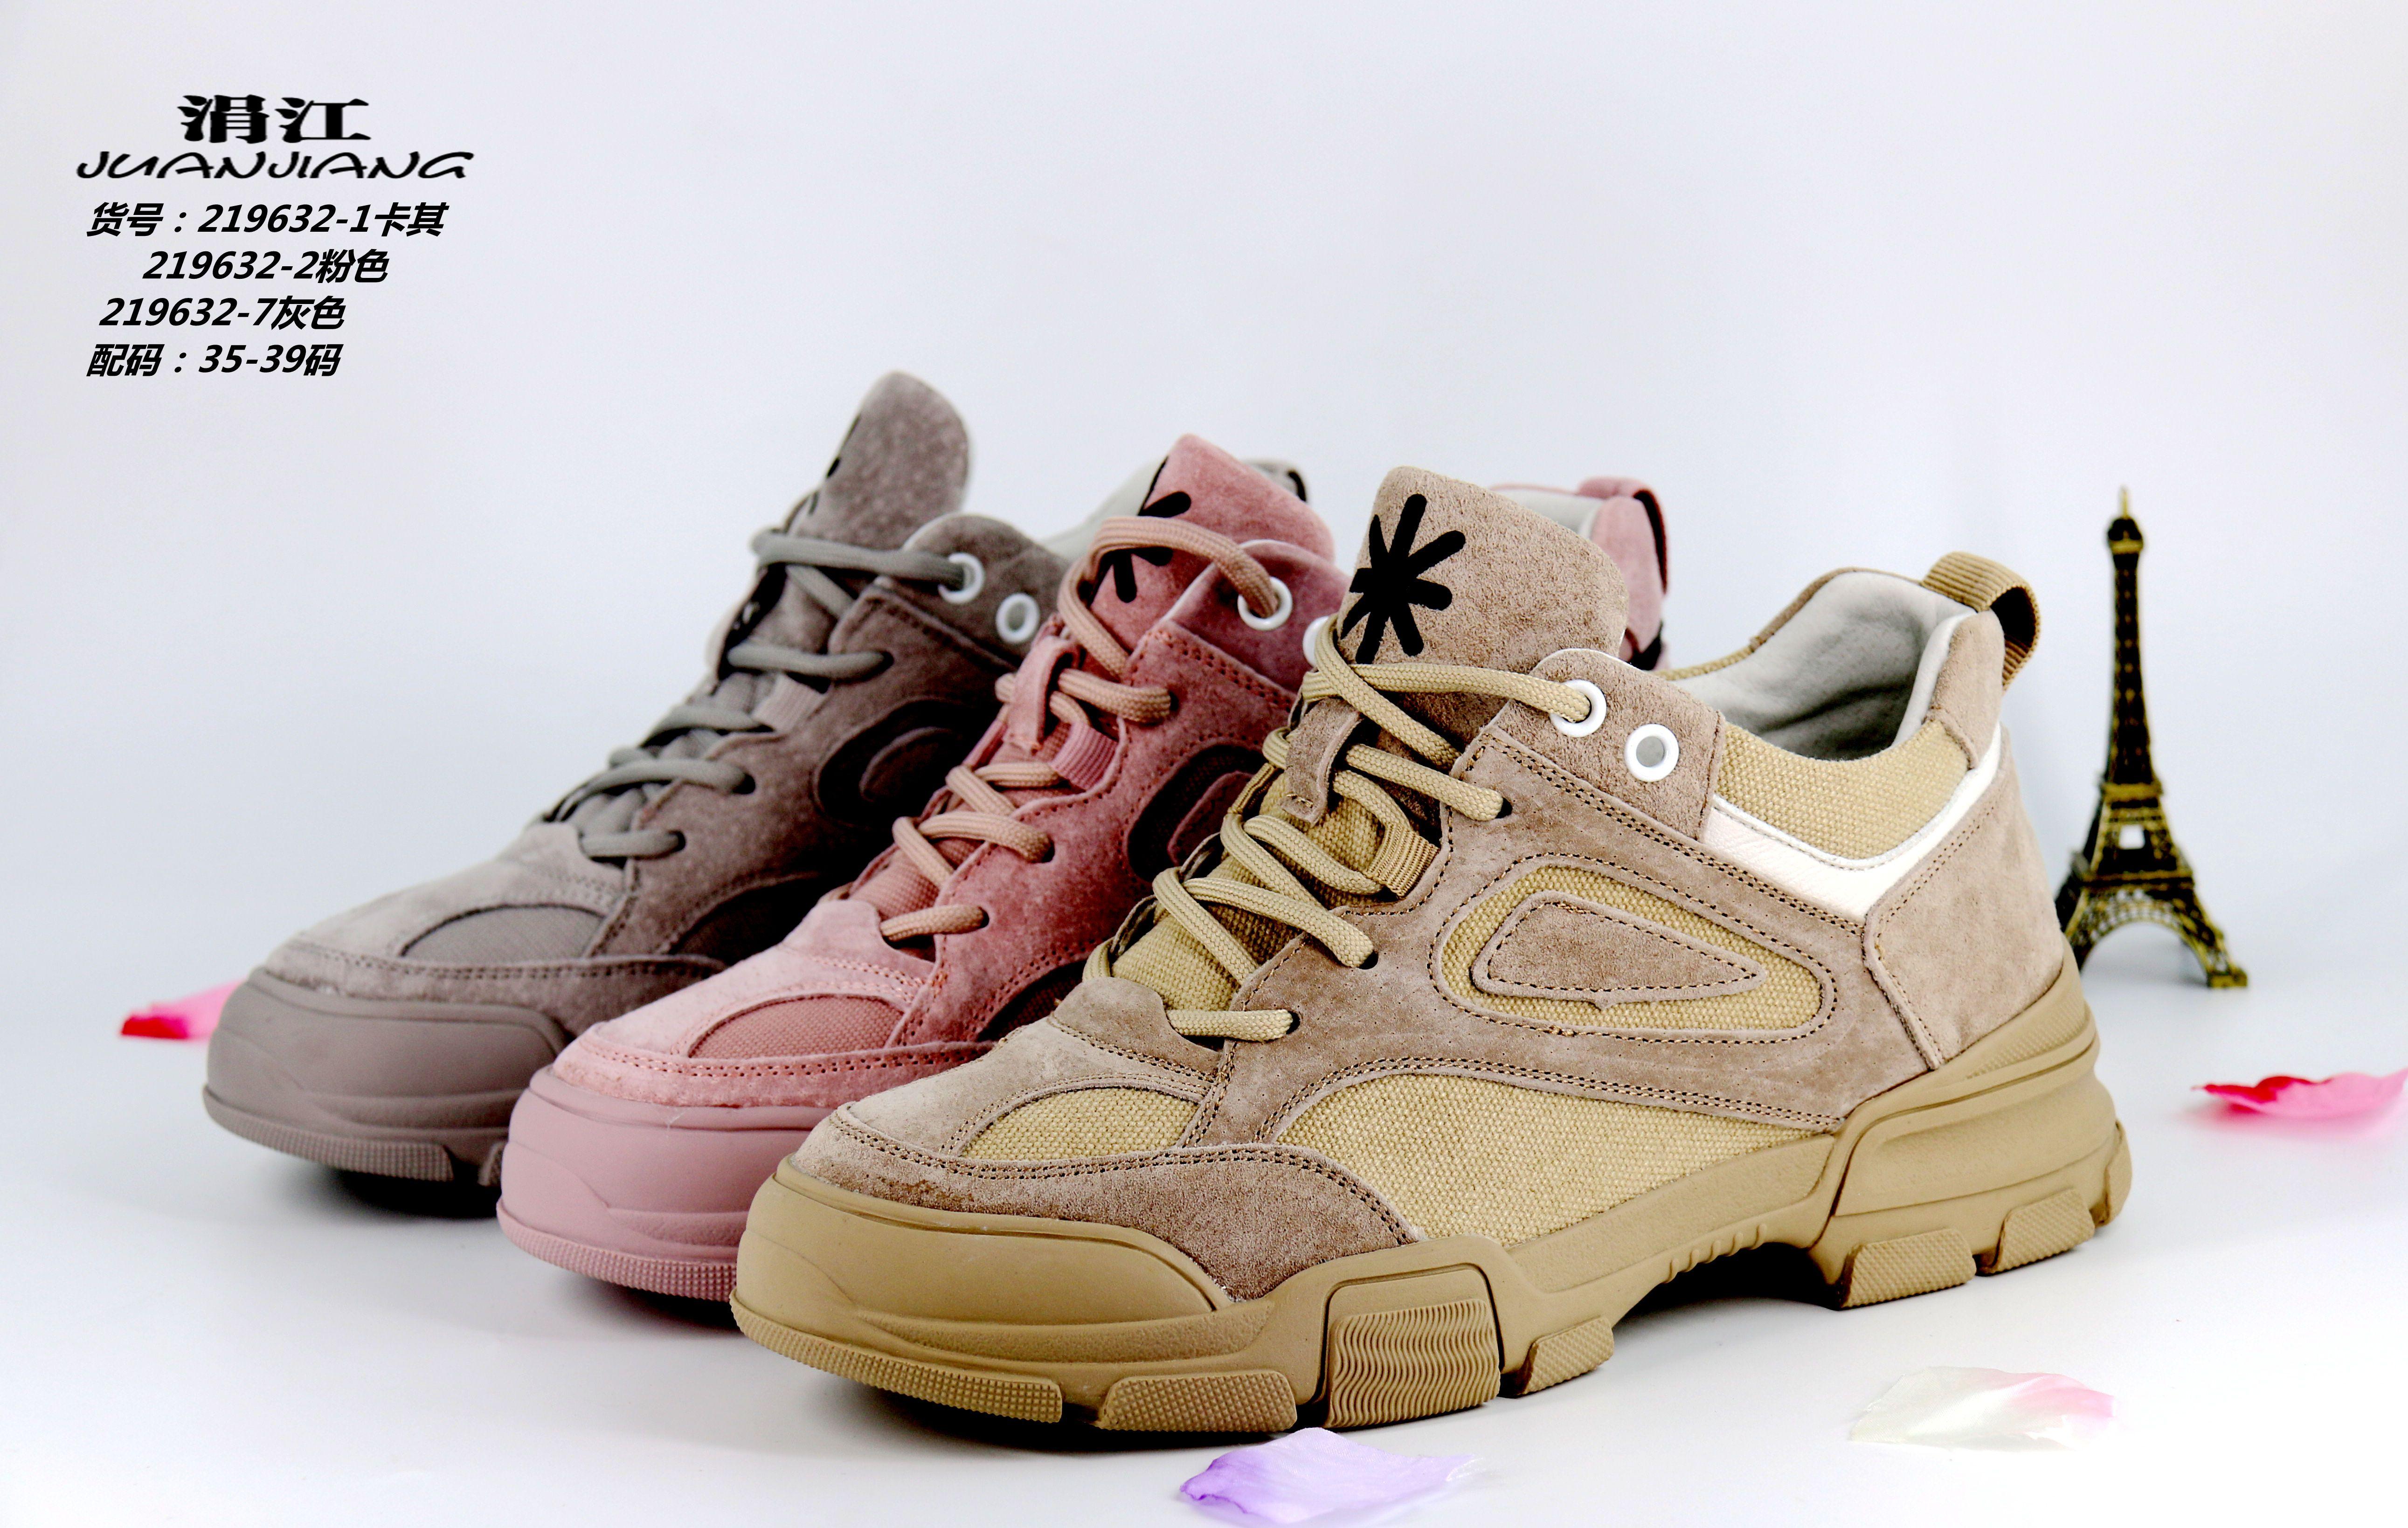 湖南秋季女式休闲运动鞋加工厂